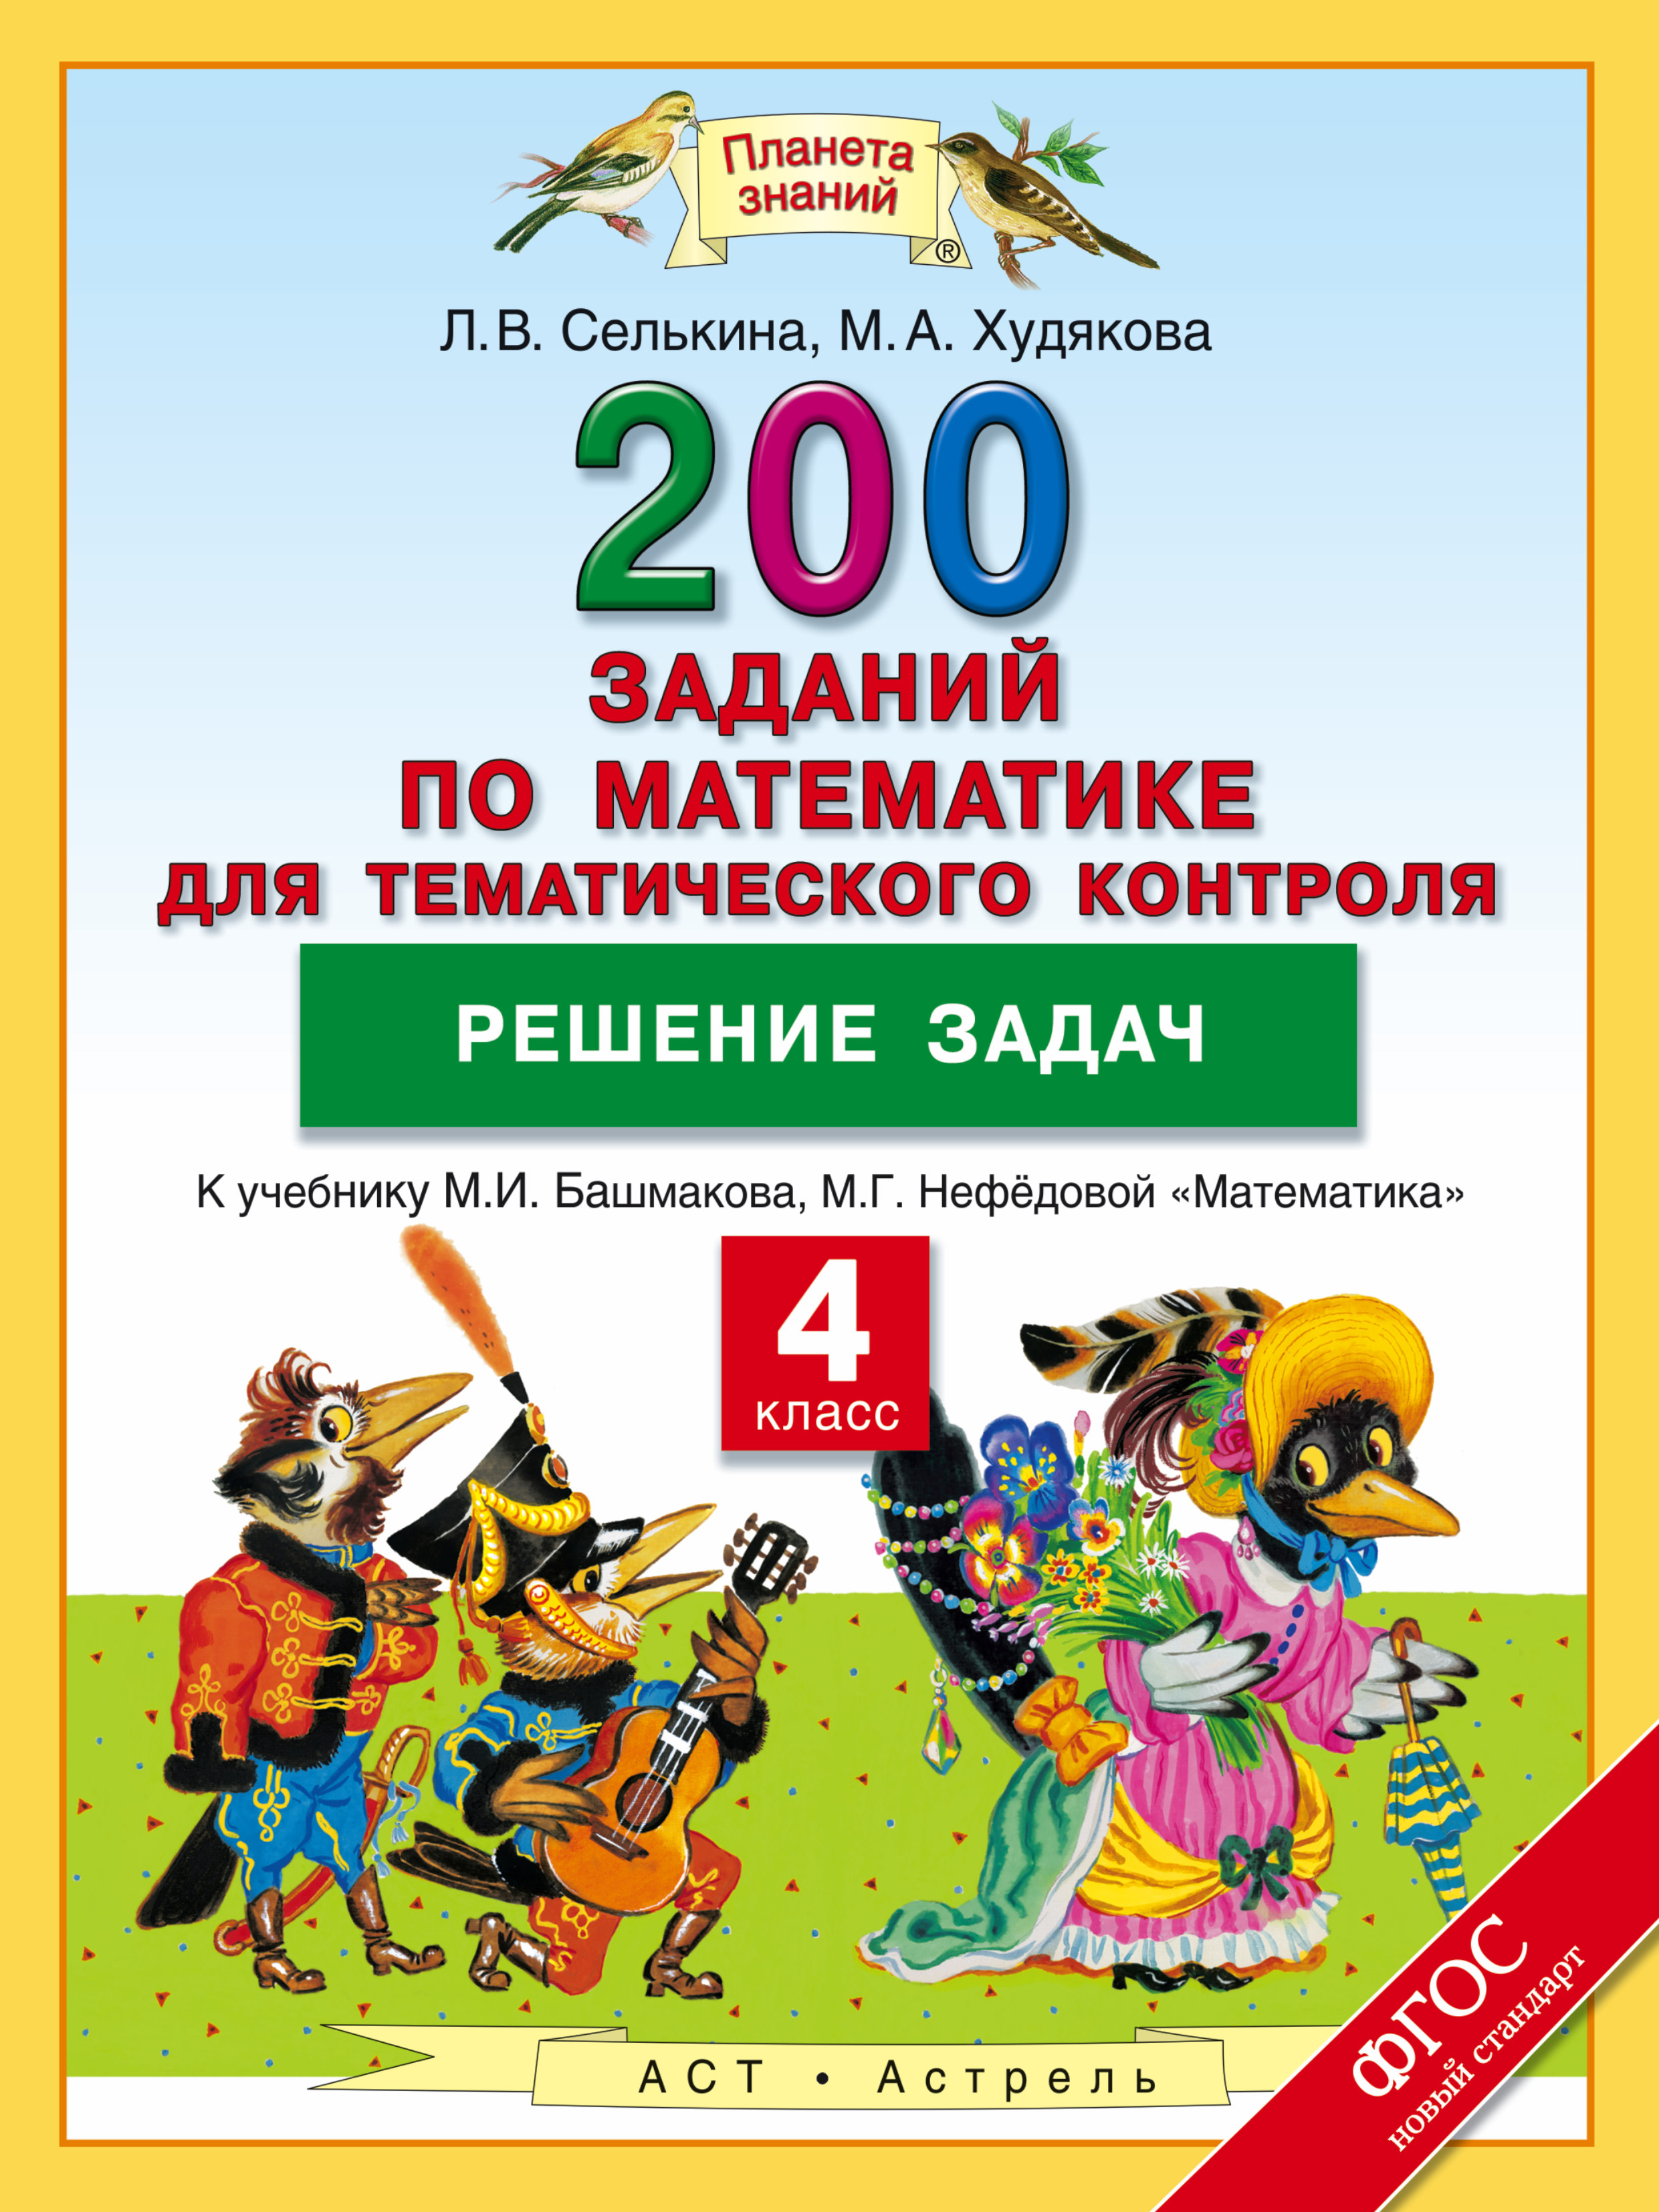 Селькина Л.В., Худякова М.А. Математика. 4 класс. 200 заданий по математике для тематического контроля. Решение задач.